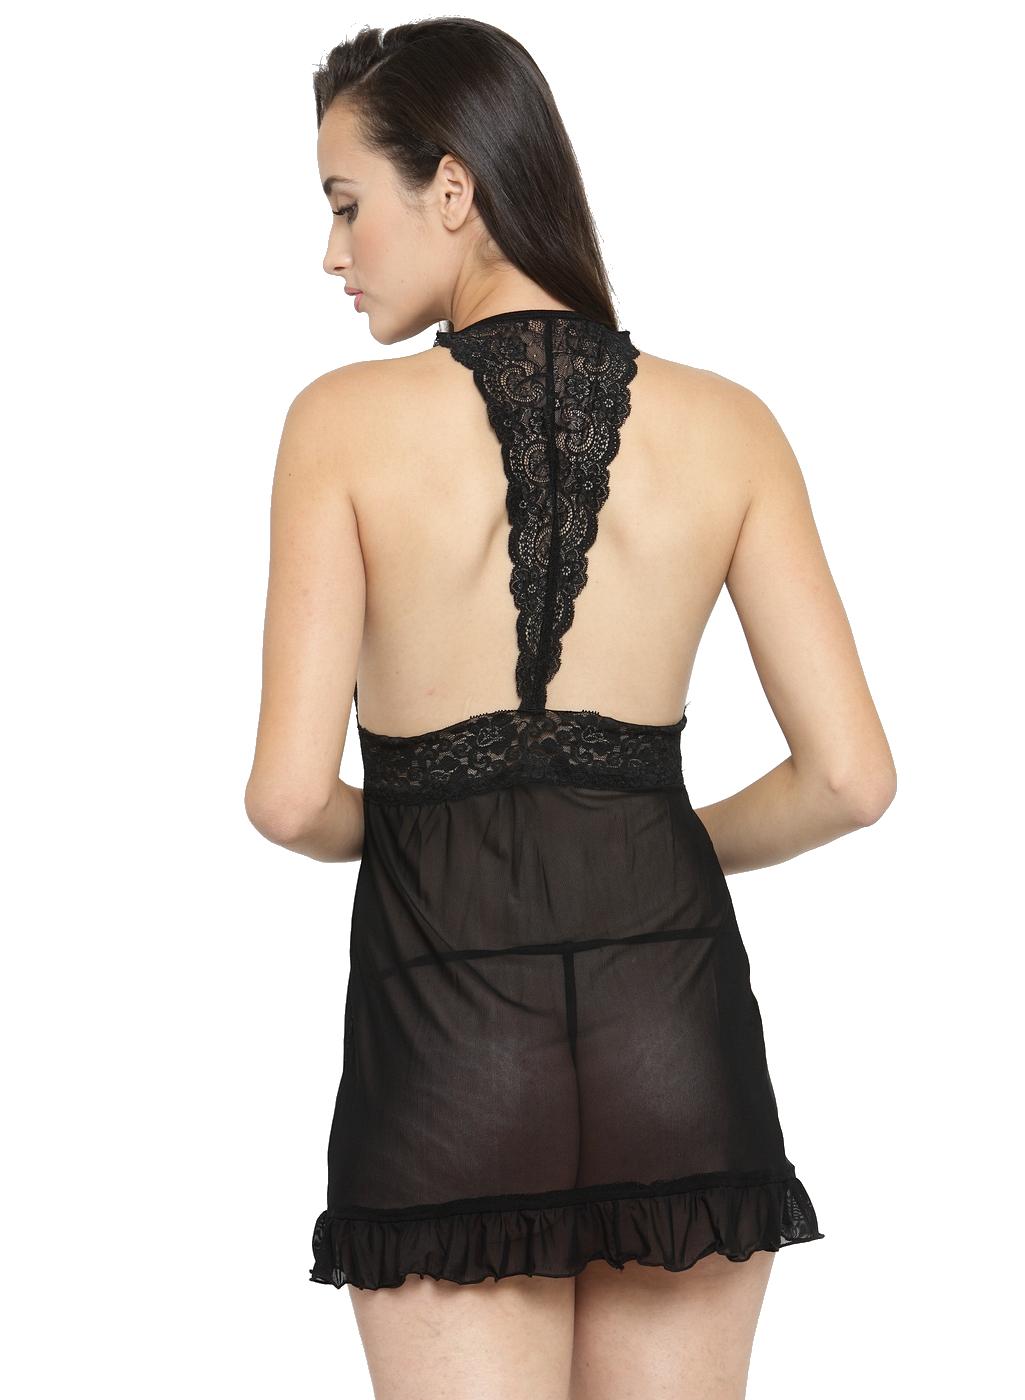 Open Front Ruffle Sheer Babydoll Night Dress Nightwear